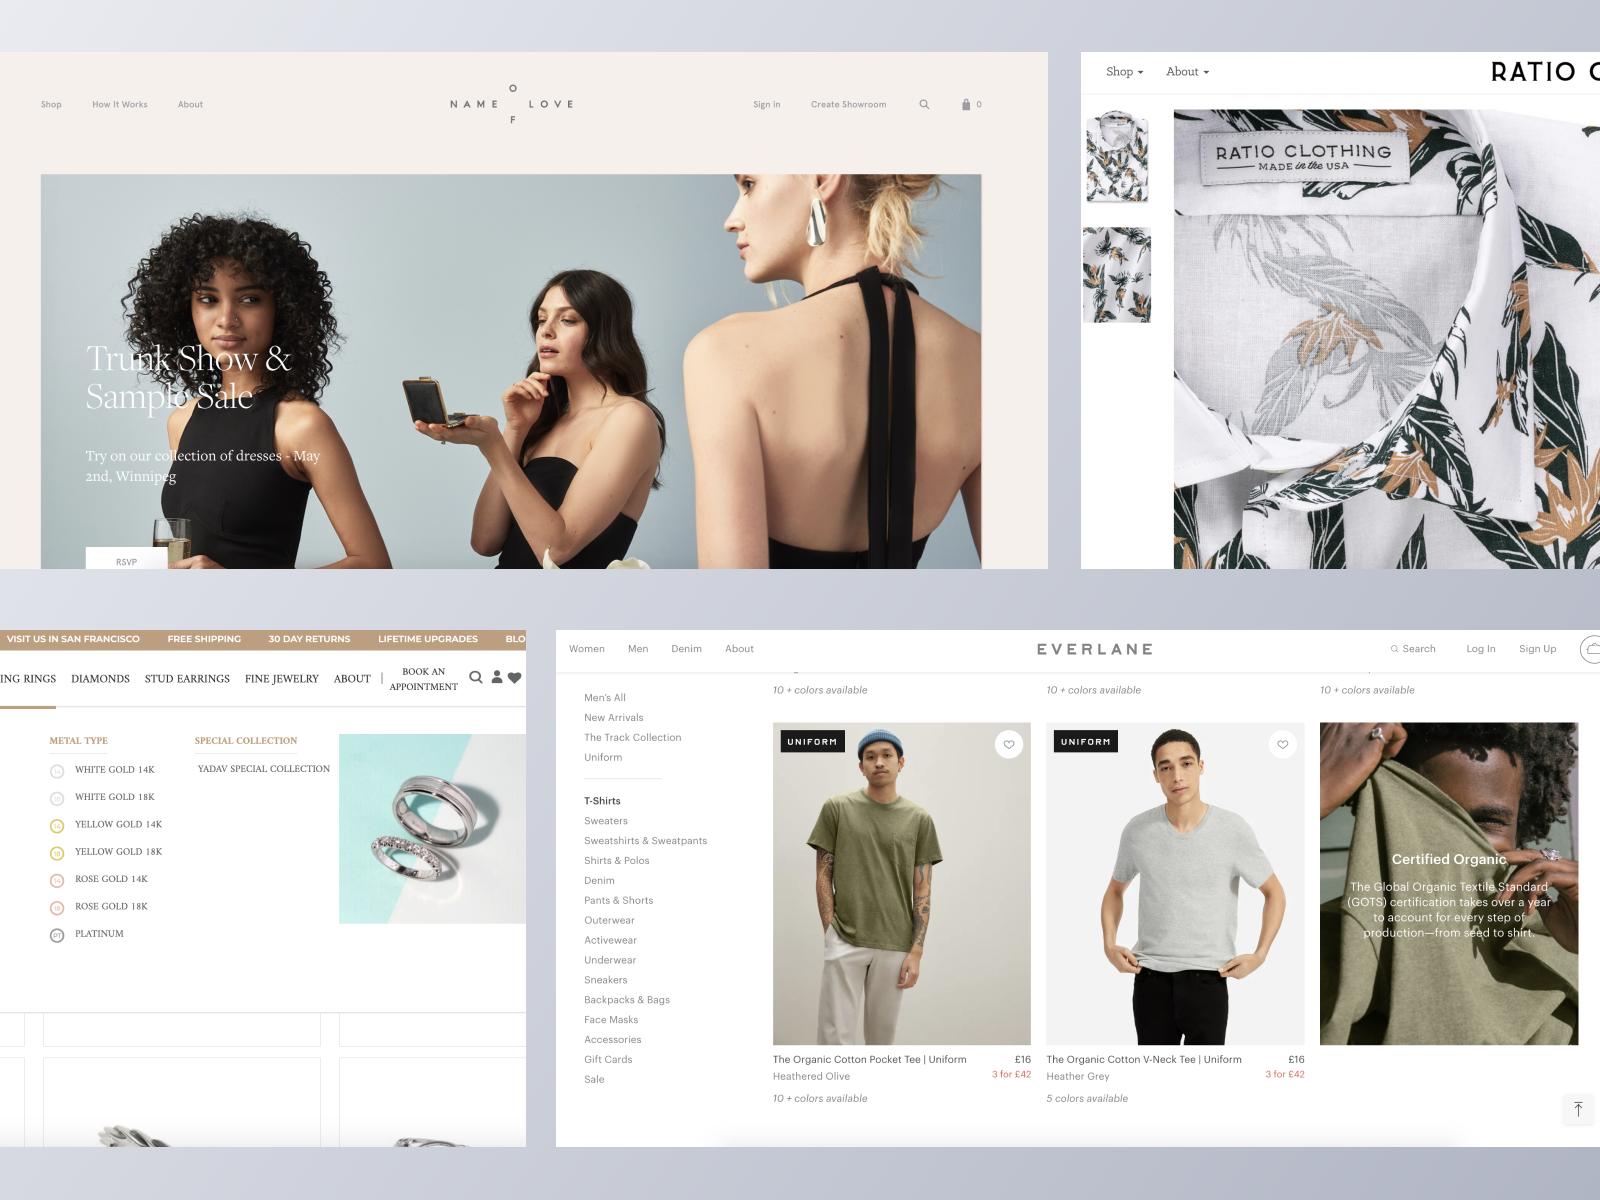 Fashion ecommerce websites using Spree Commerce